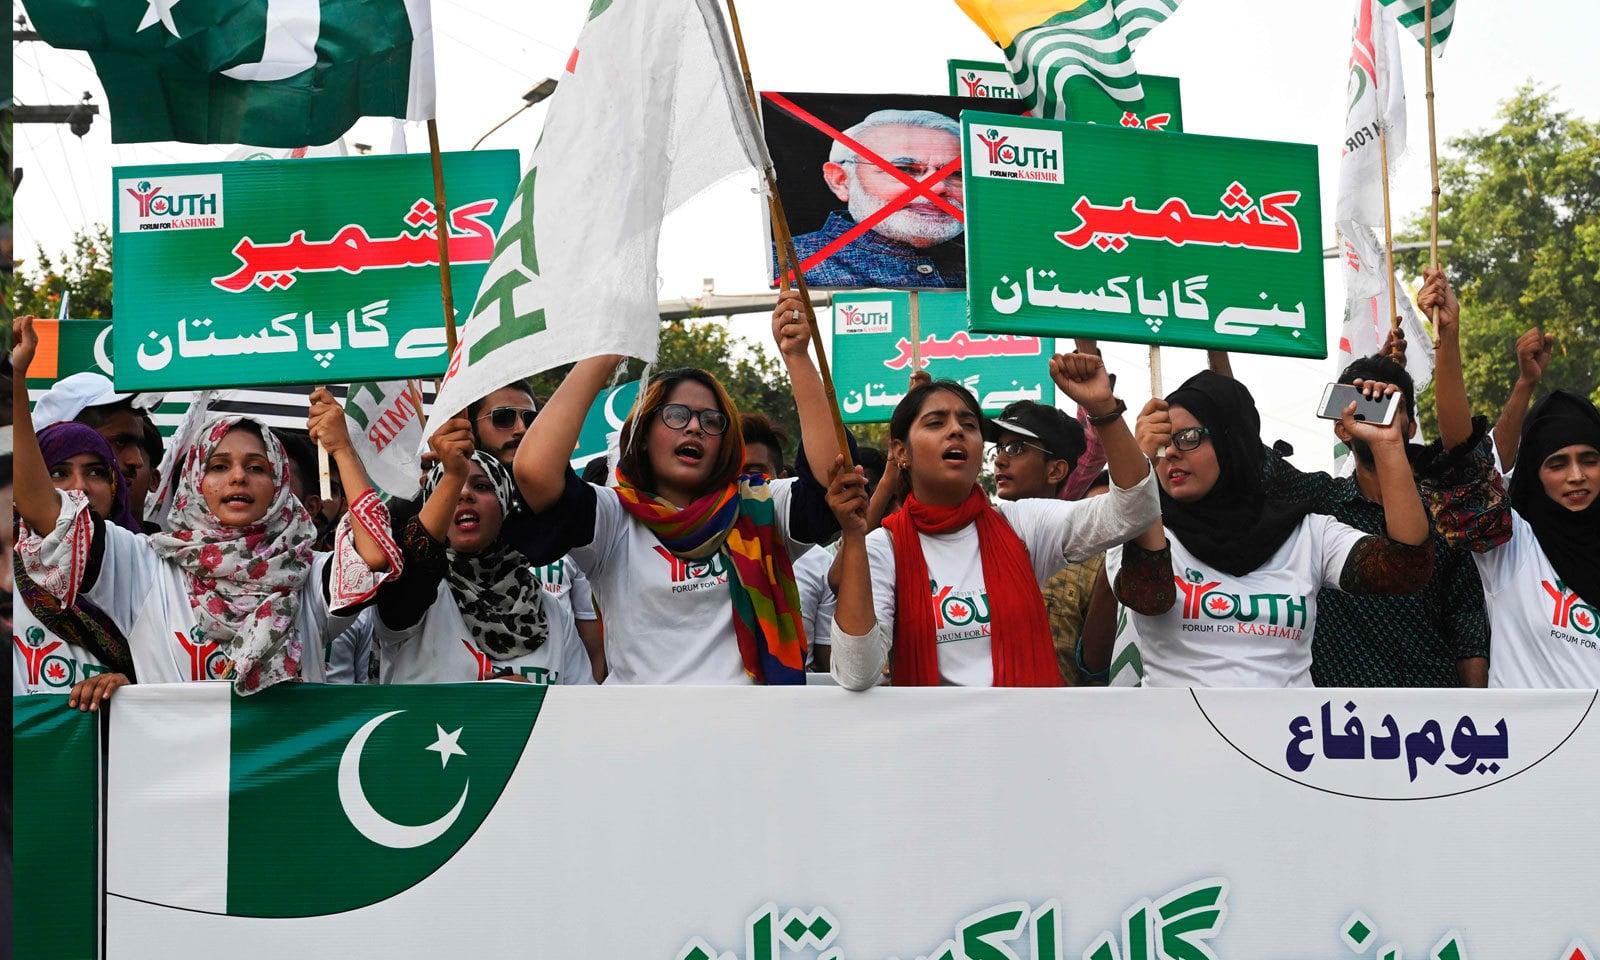 رواں برس یوم دفاع کو یوم یکجہتی کشمیر کے طور پر منایا گیا — فوٹو: اے ایف پی